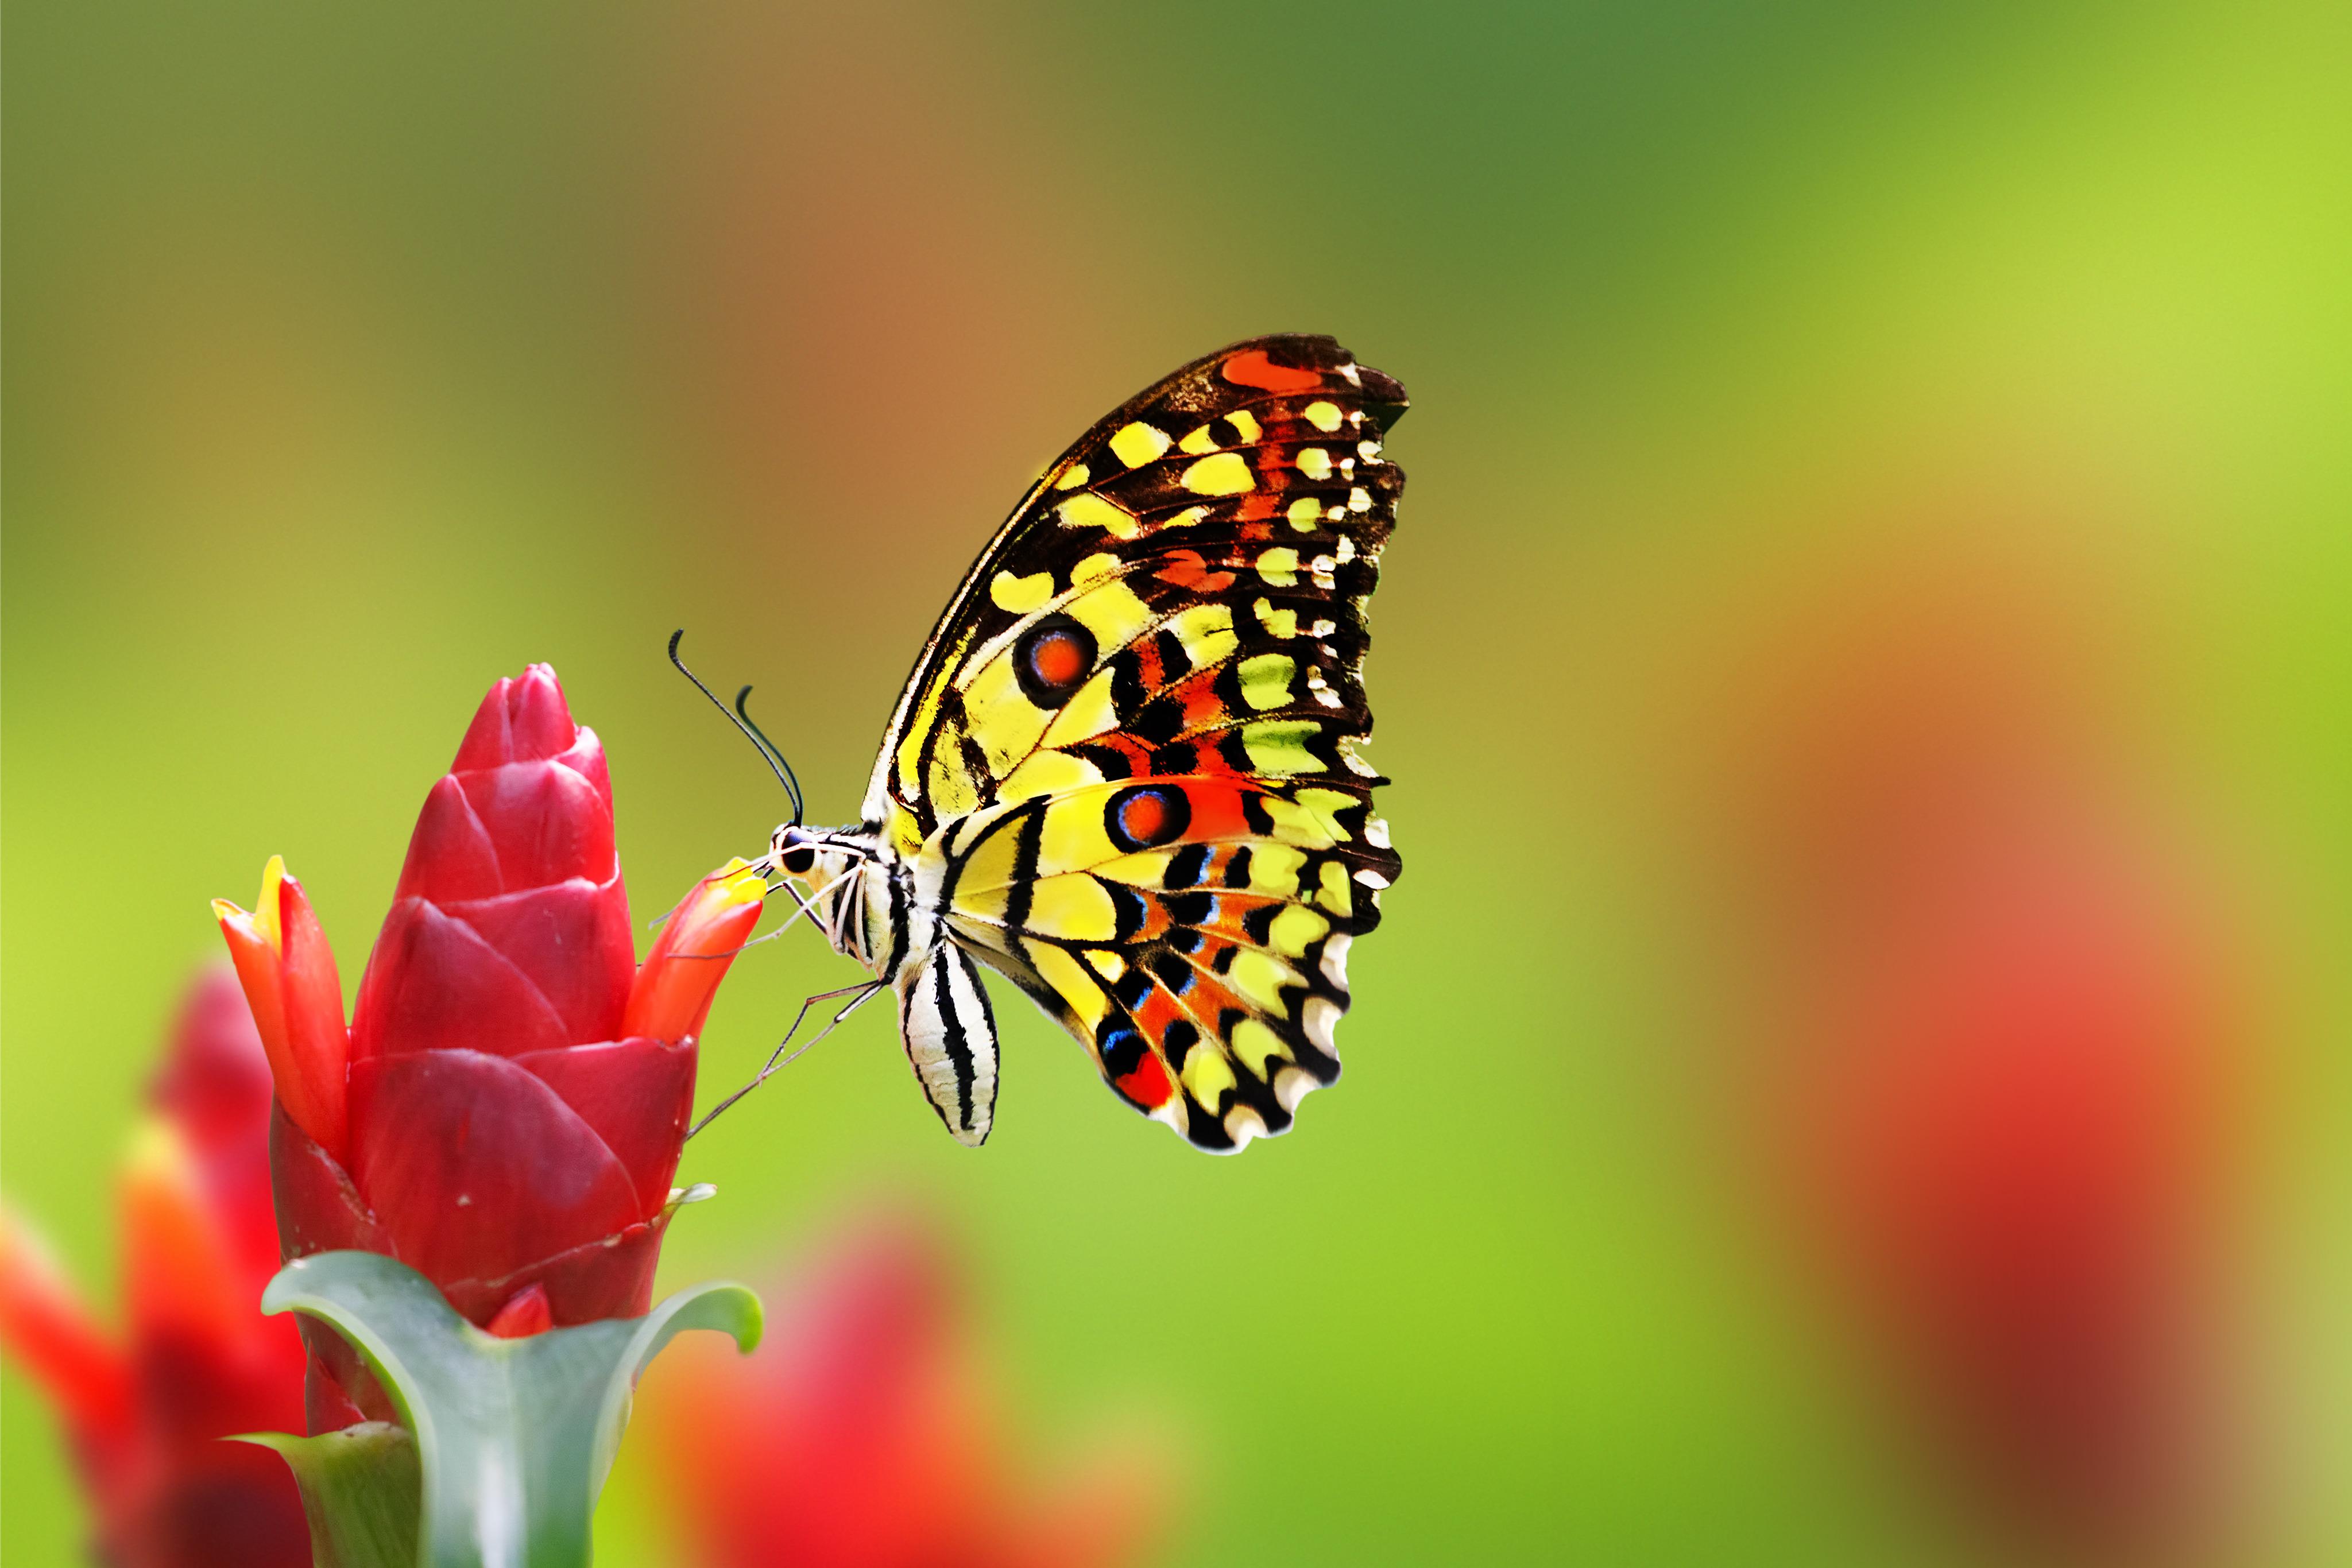 Ảnh cánh bướm hoa văn phức tạp cực đẹp